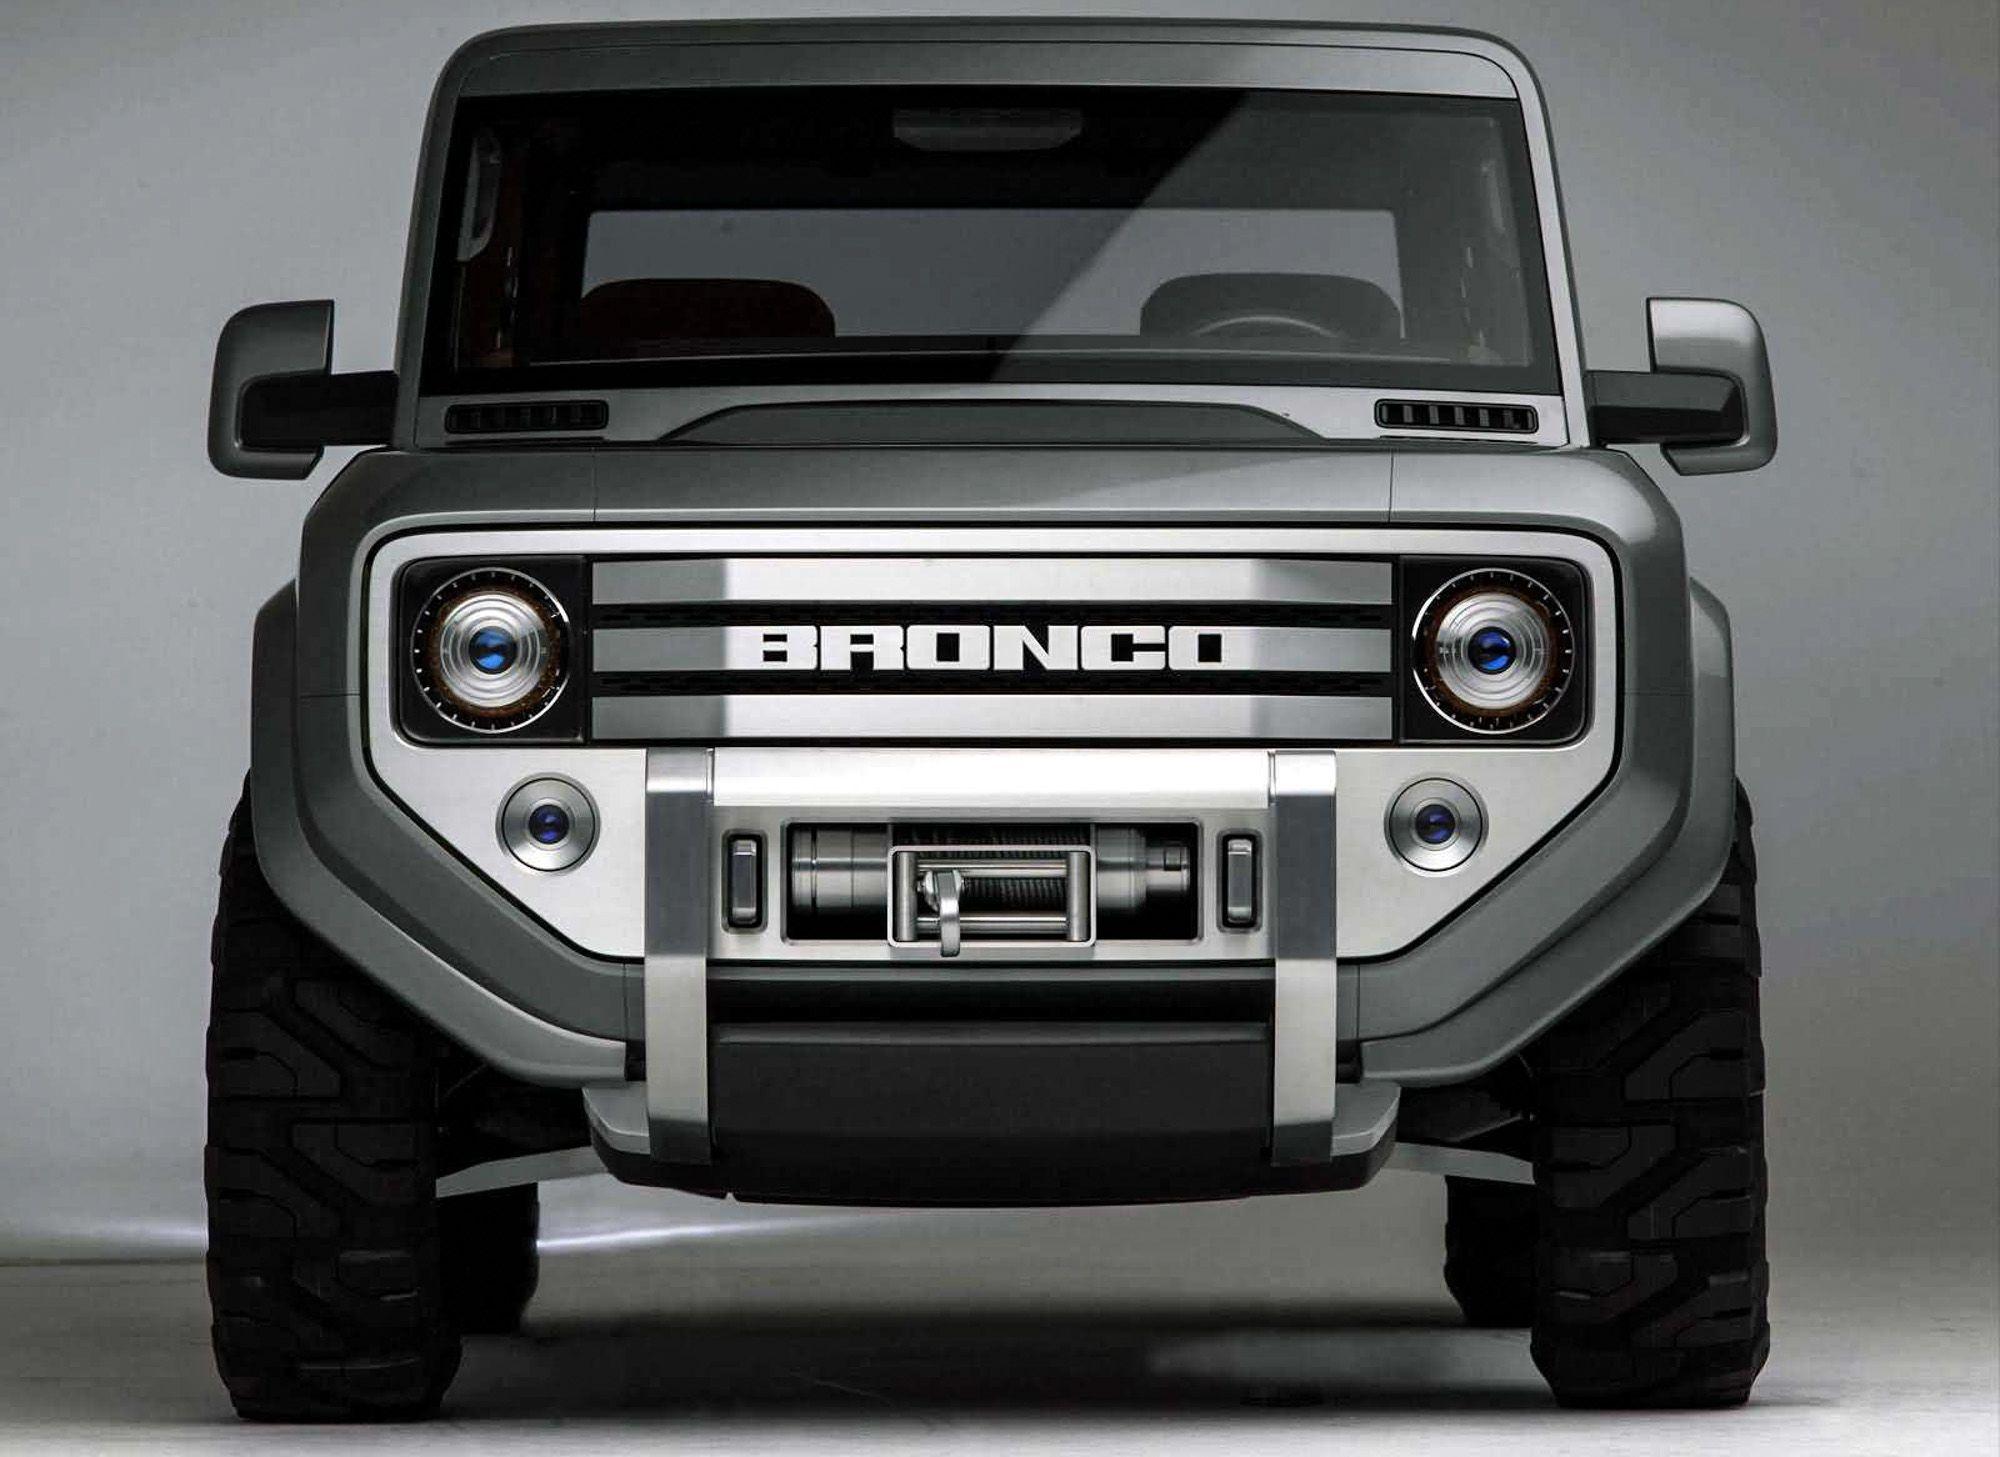 2004 ford bronco concept car detroit 2 Concept Cars